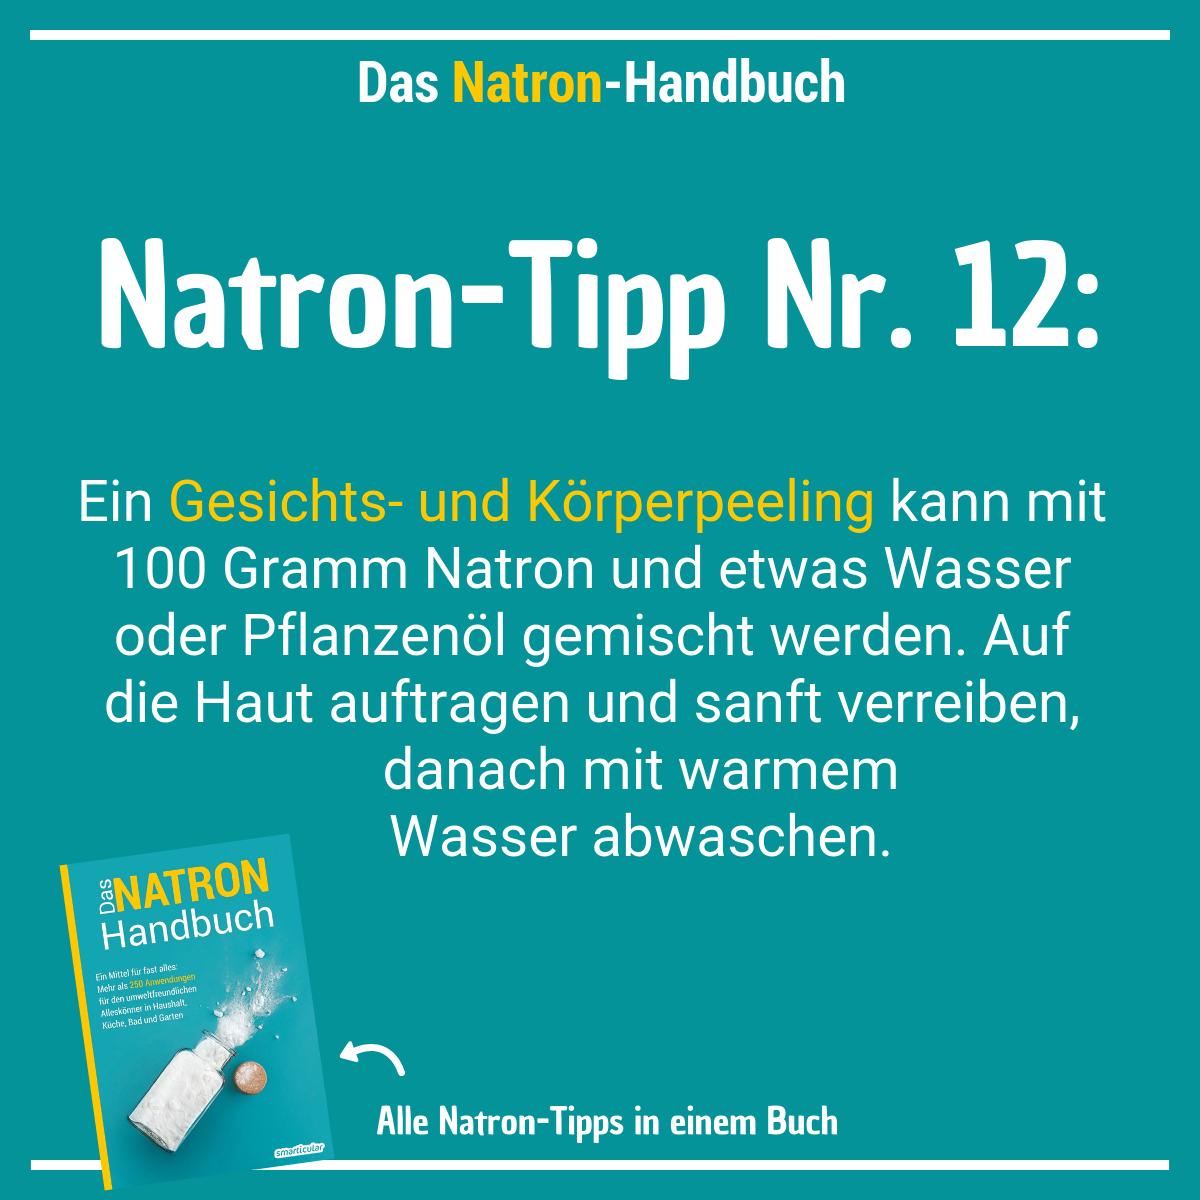 77 Natron-Anwendungen: Haushalt, Schönheit, Gesundheit & mehr #hairhealth